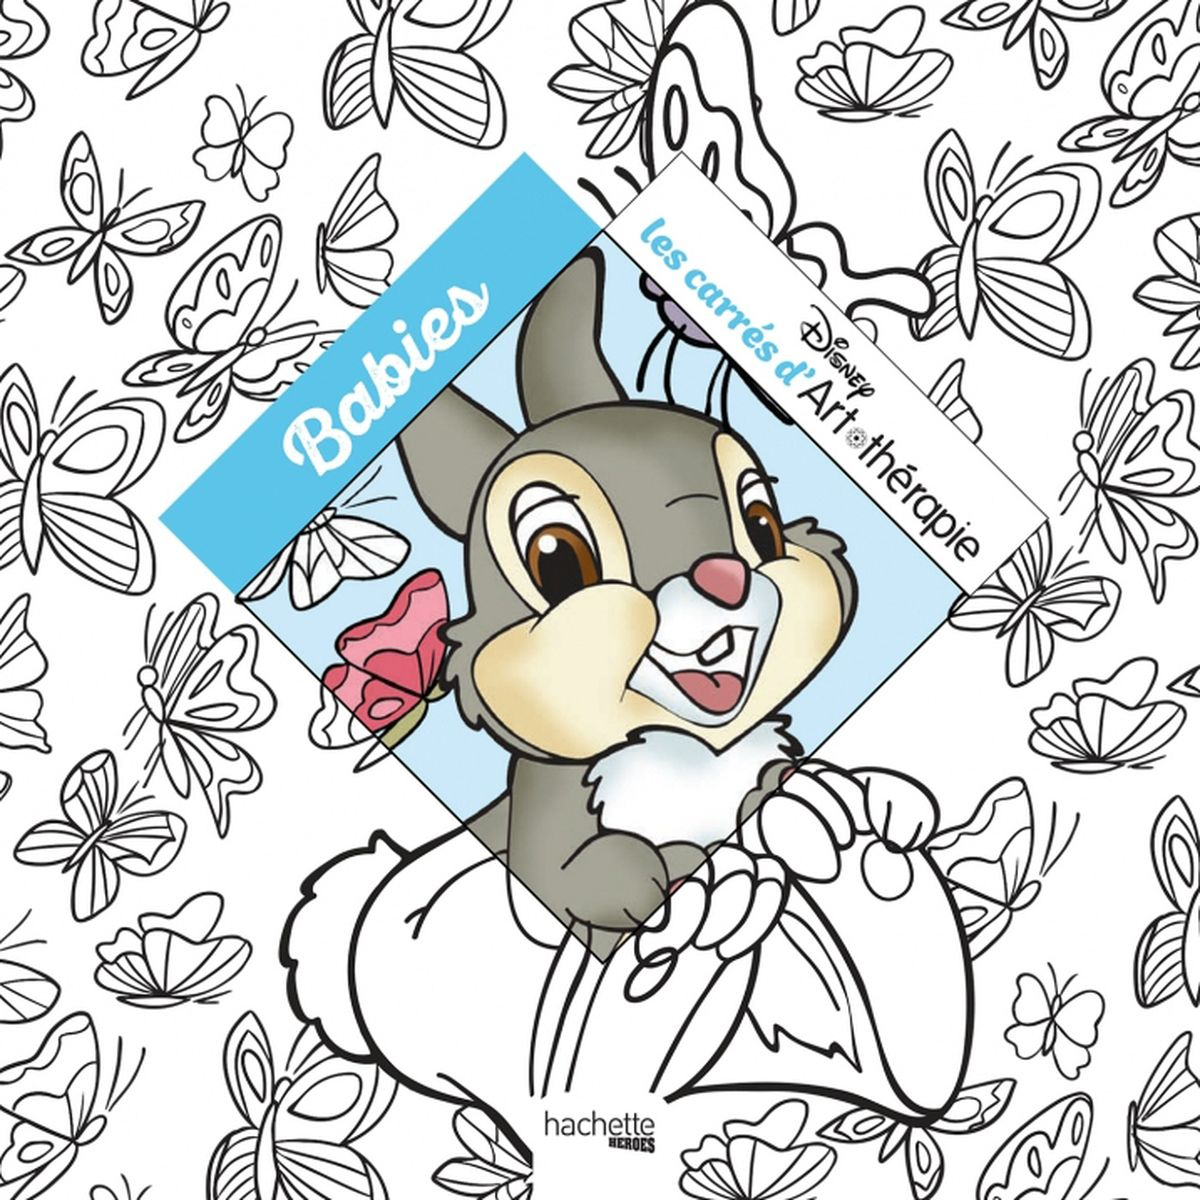 hachette pratique coloriage art thrapie 100 coloriages anti stress disney babies - Coloriage Anti Stress Hachette